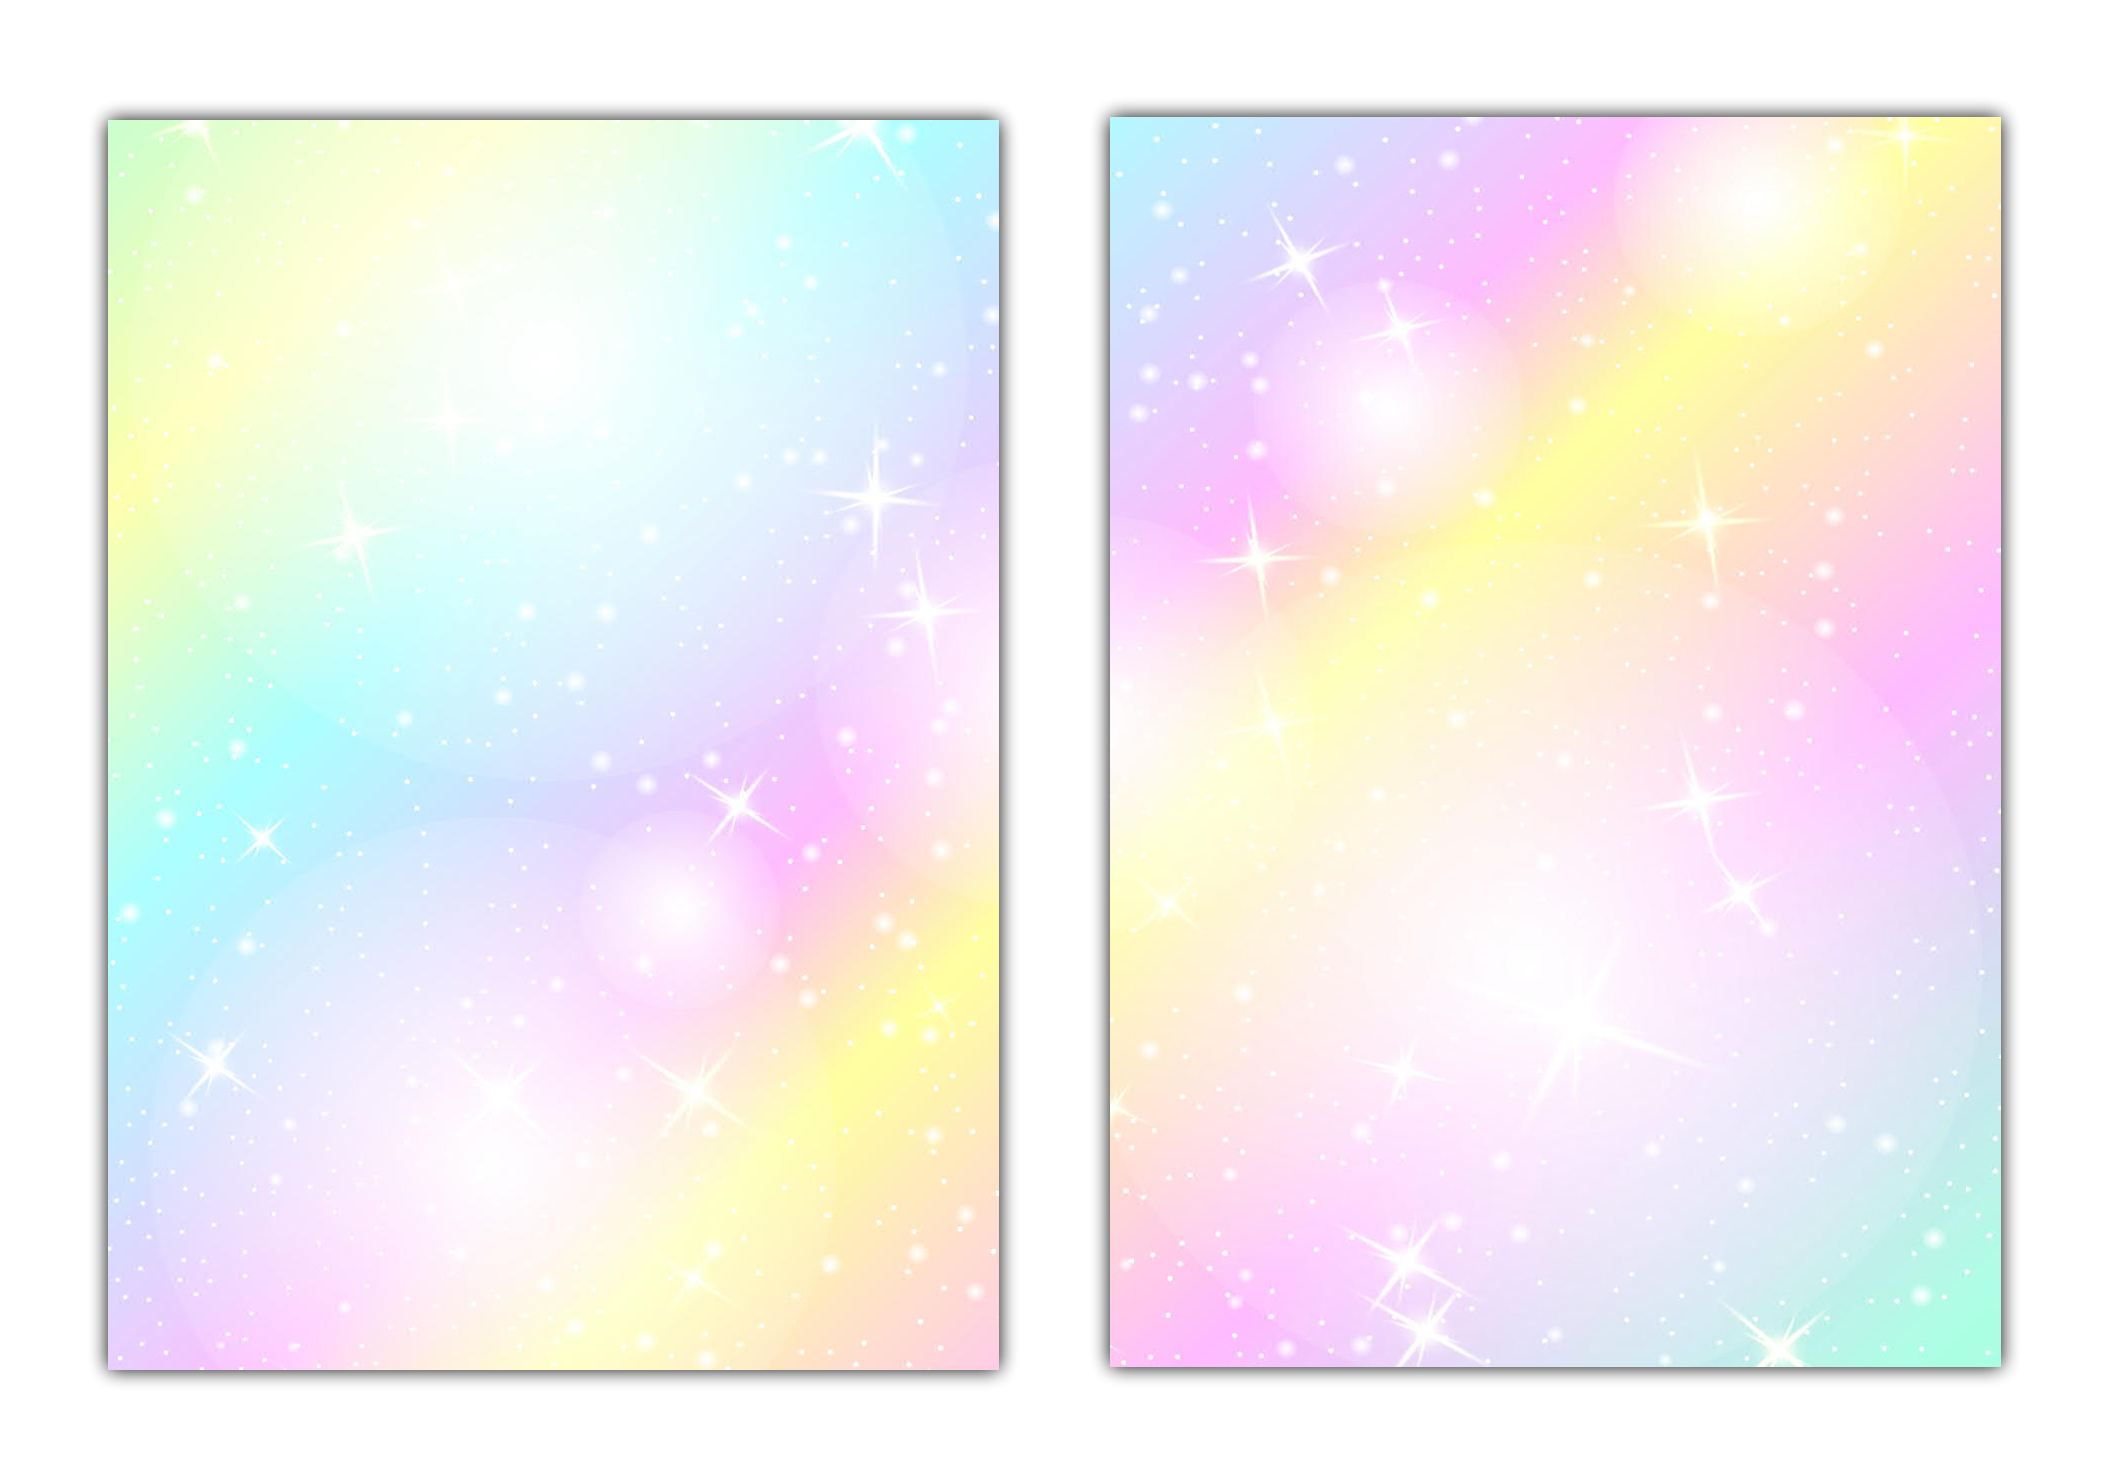 2x50 Blatt - Rainbow Motiv-Briefpapier (MPA-5215+5216, DIN A4) Motivpapier knallig bunt Regenbogenfarben mit Sternen